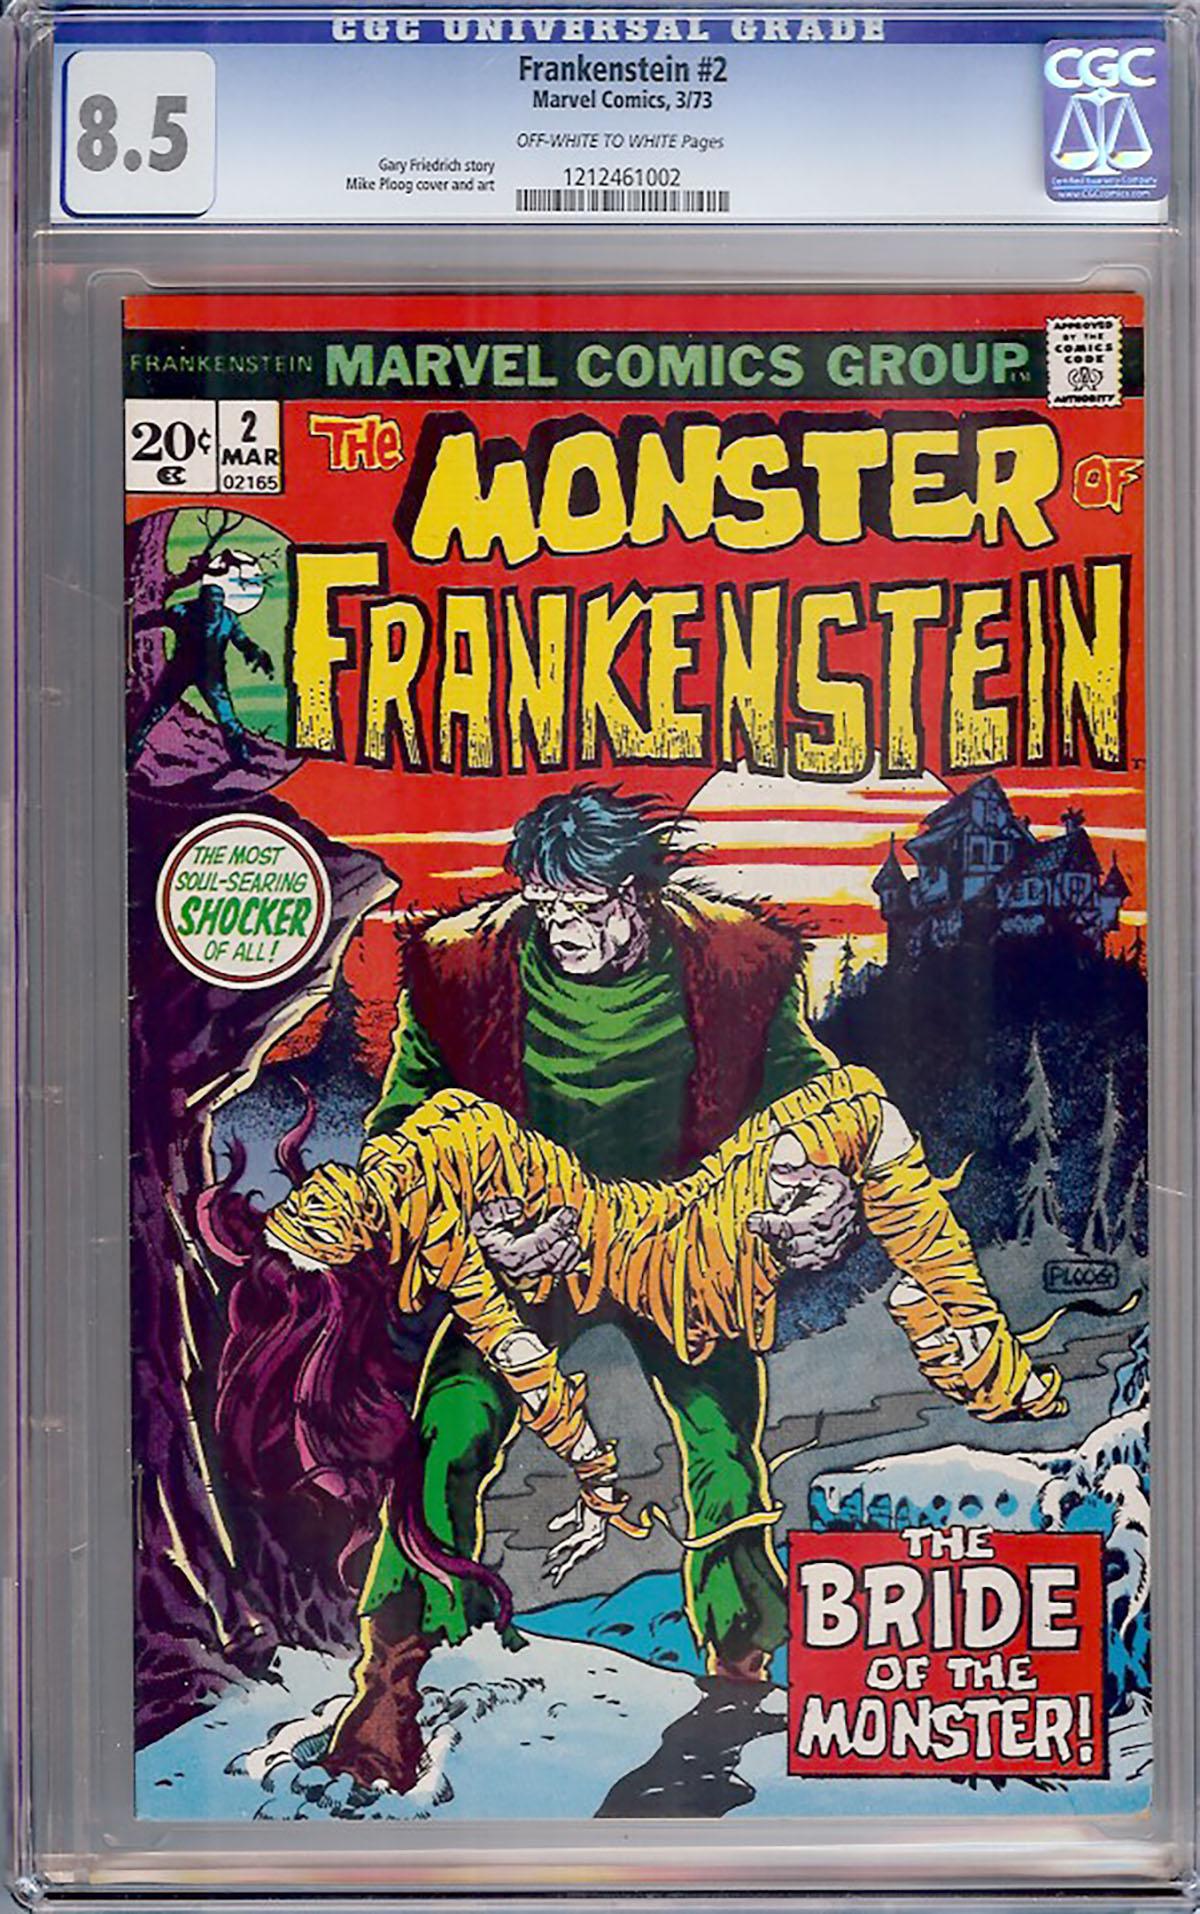 Frankenstein #2 CGC 8.5 ow/w